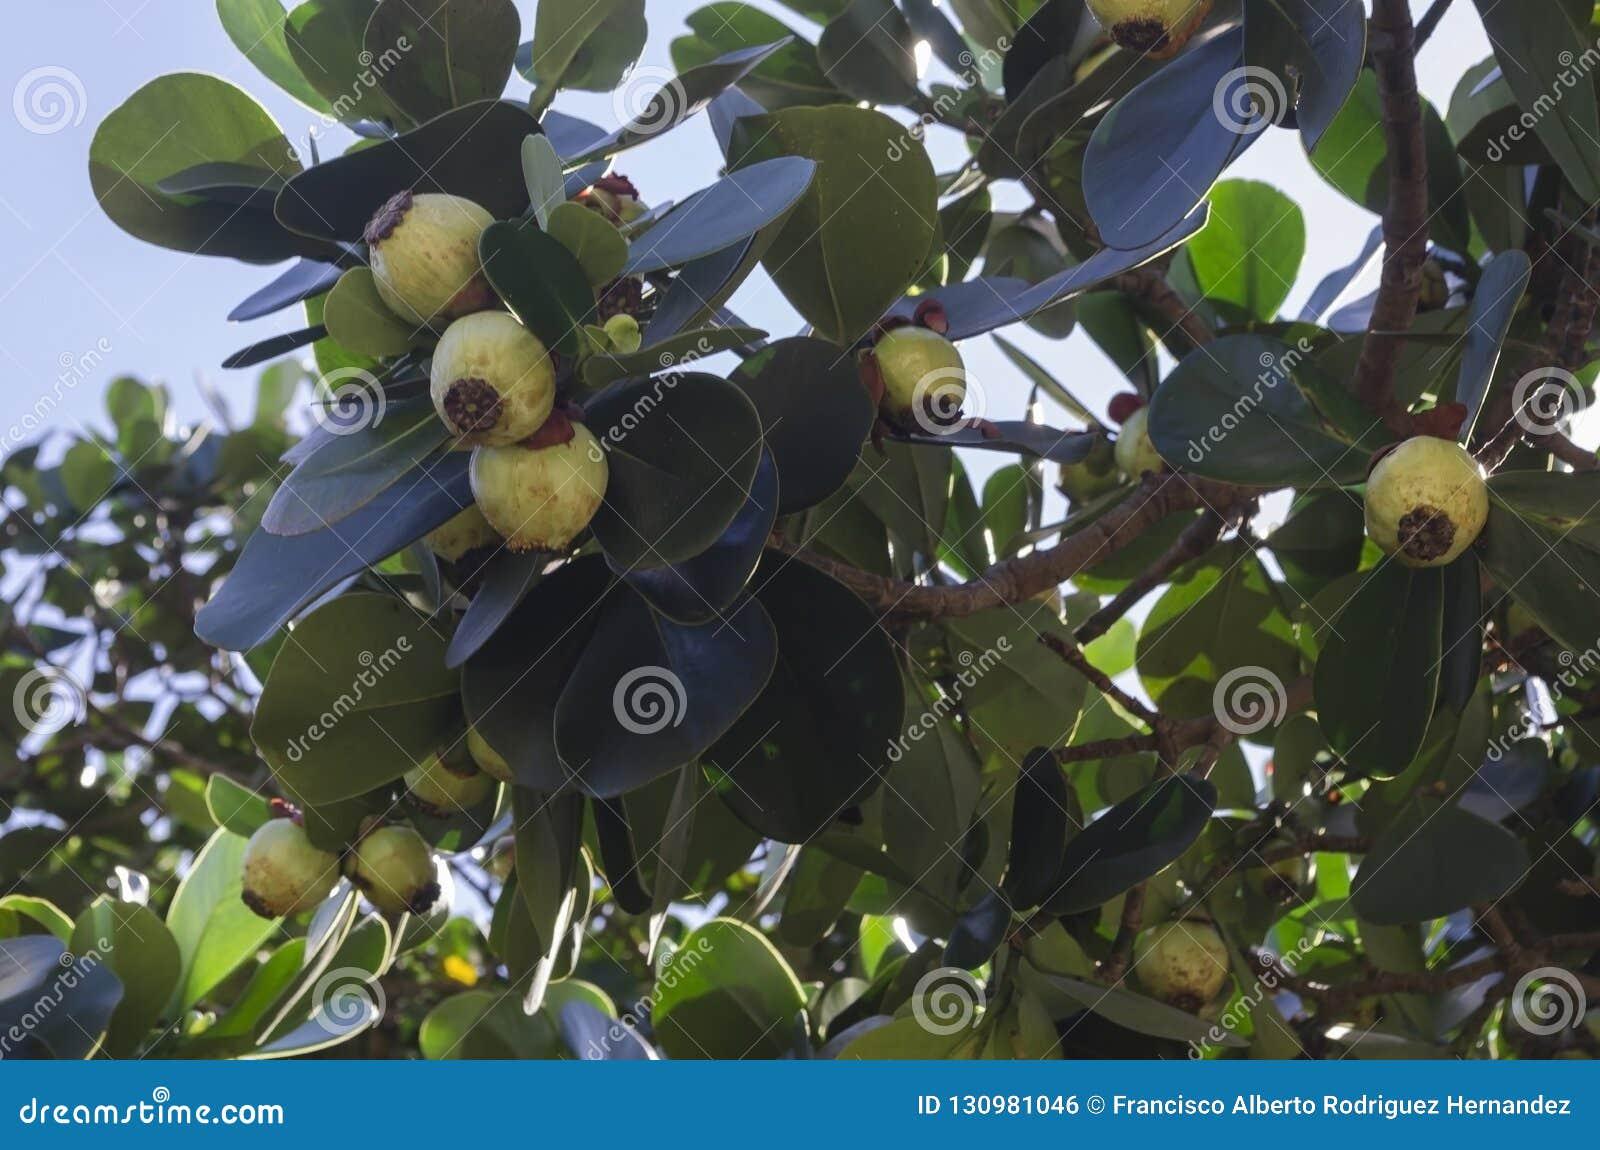 Rosea Clusia, дерево автографа, copey, яблоко бальзама, тангаж-яблоко, и шотландский юрист, тропические и субтропические специфик